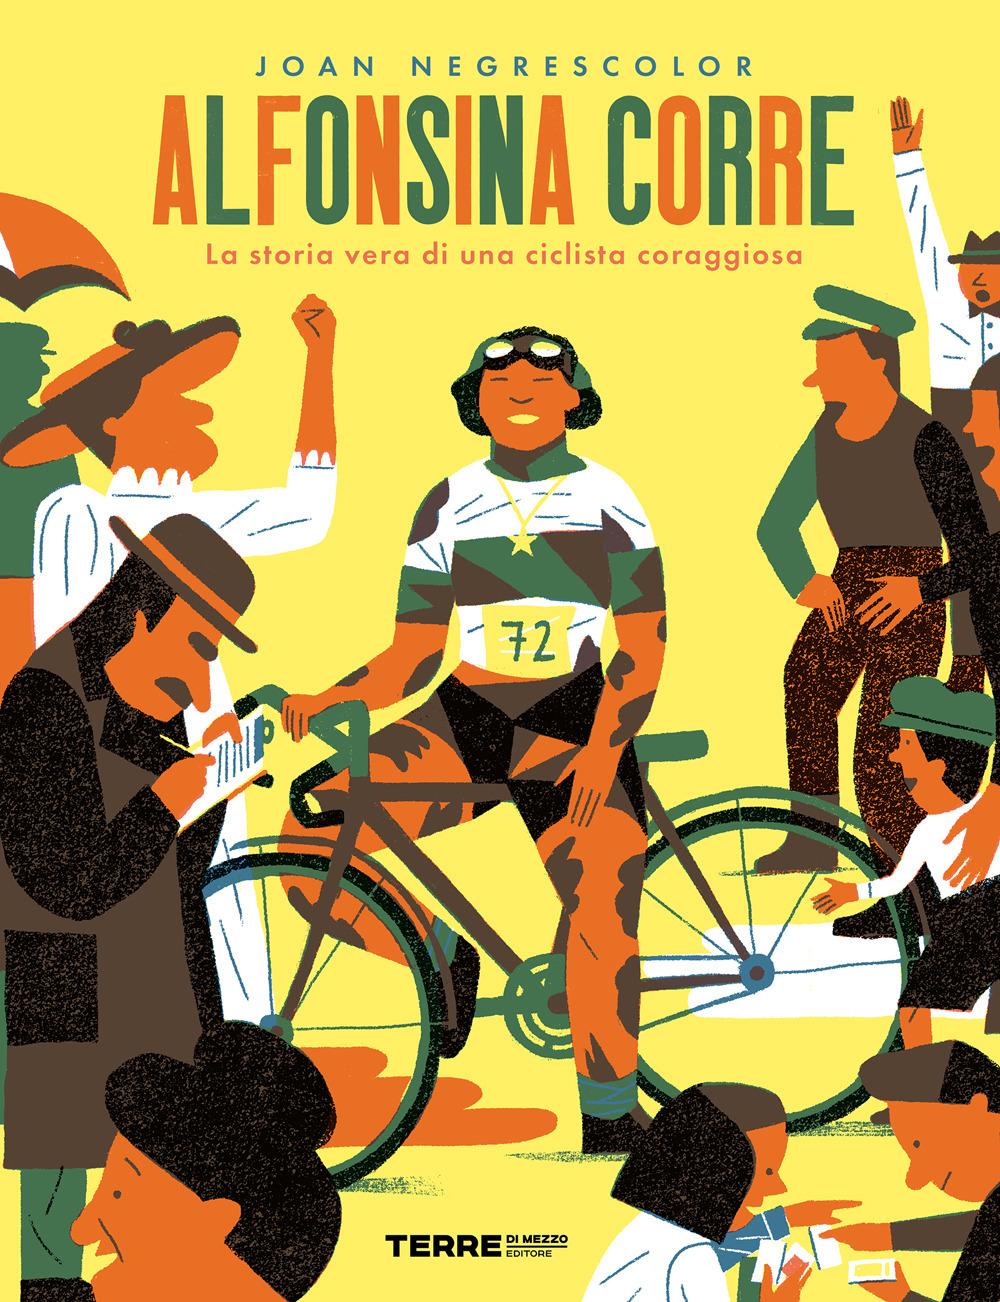 Alfonsina corre. La storia vera di una ciclista coraggiosa